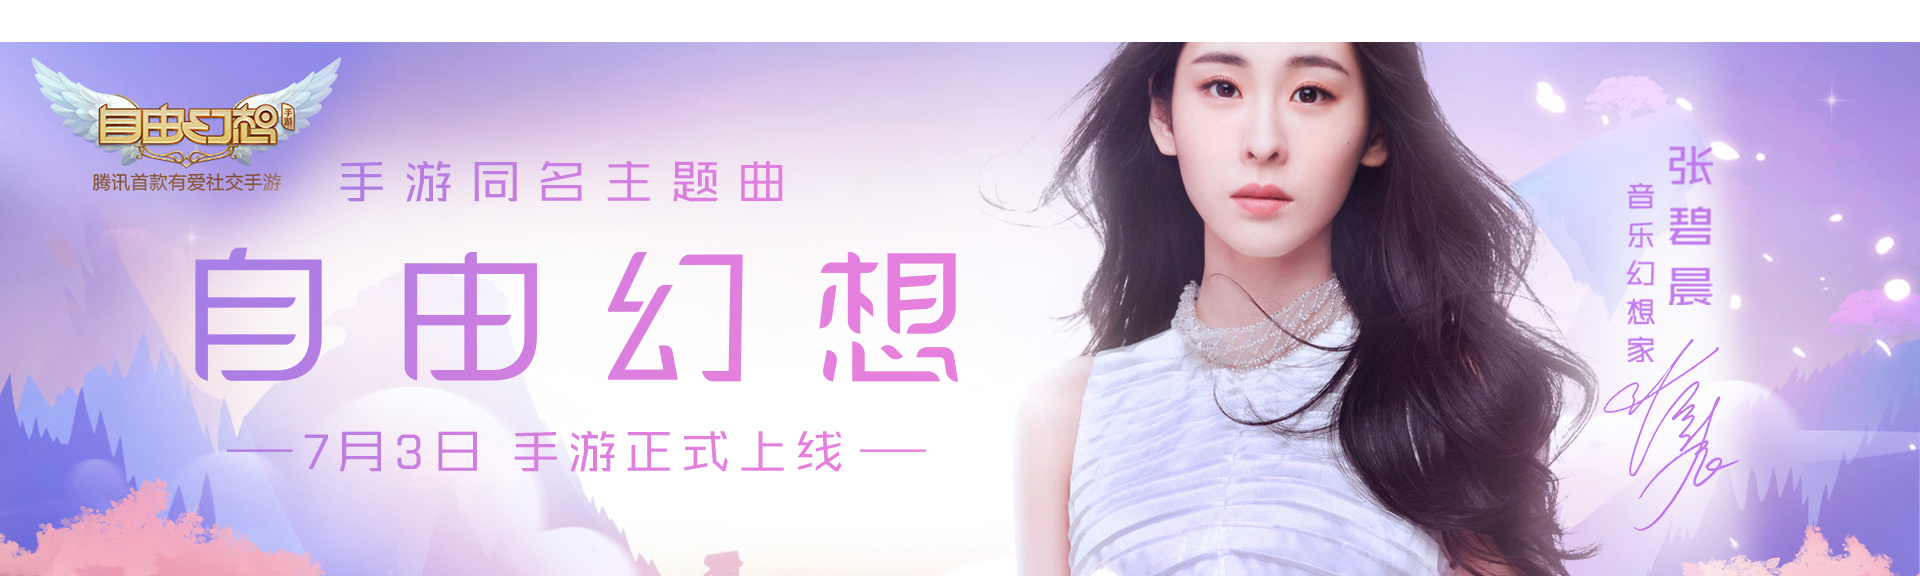 张碧晨深情演绎《自由幻想》手游主题曲MV:飞鸟游鱼终将重逢